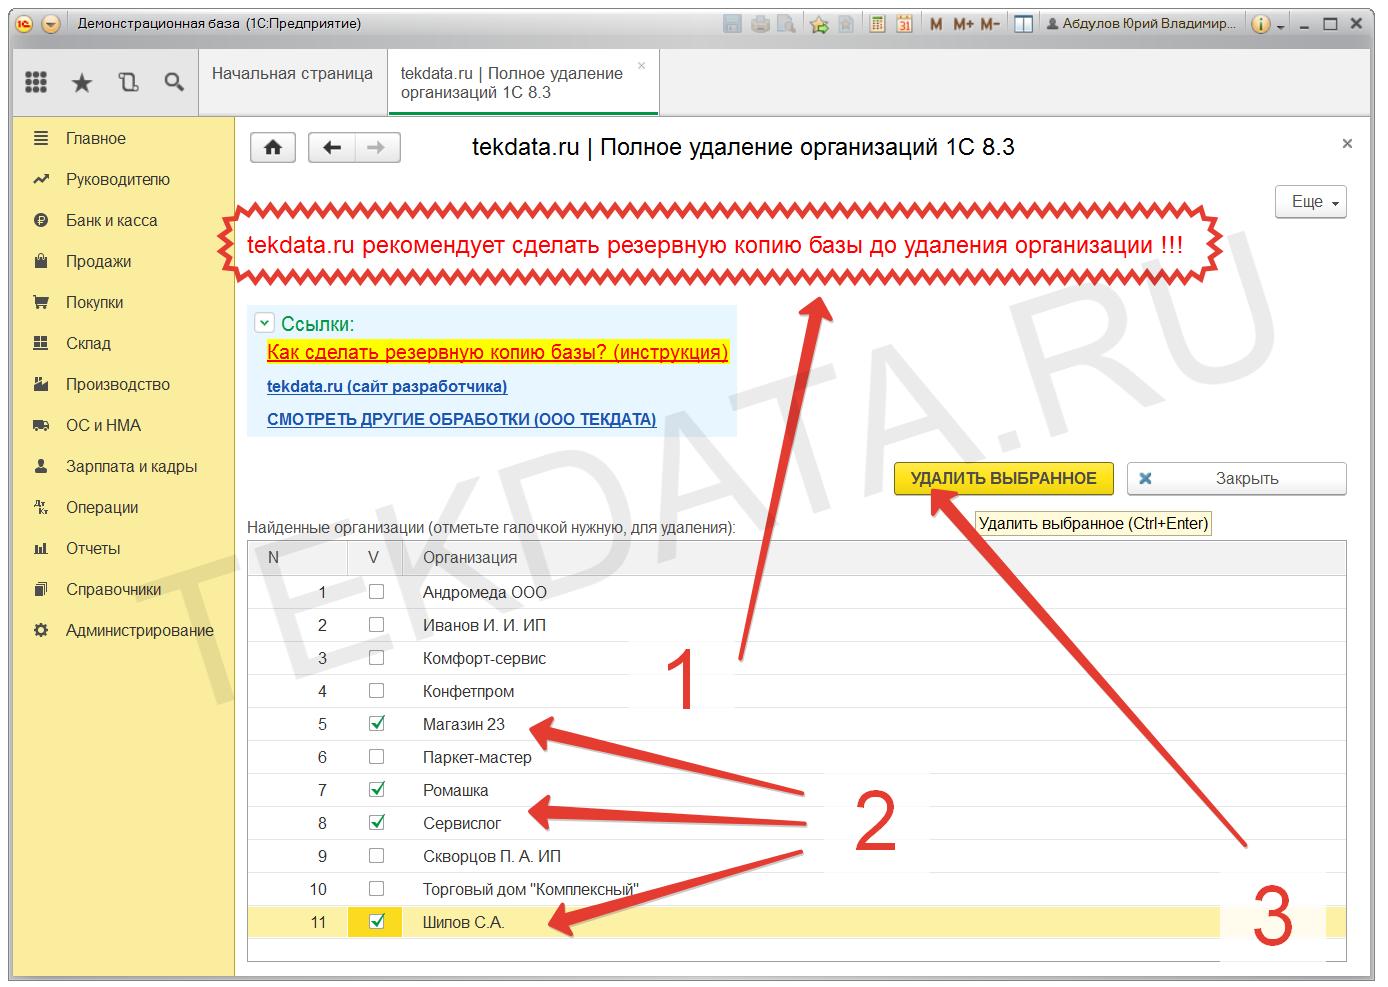 Удаление организации из 1С 8.3 (Действия 1-3) | tekdata.ru